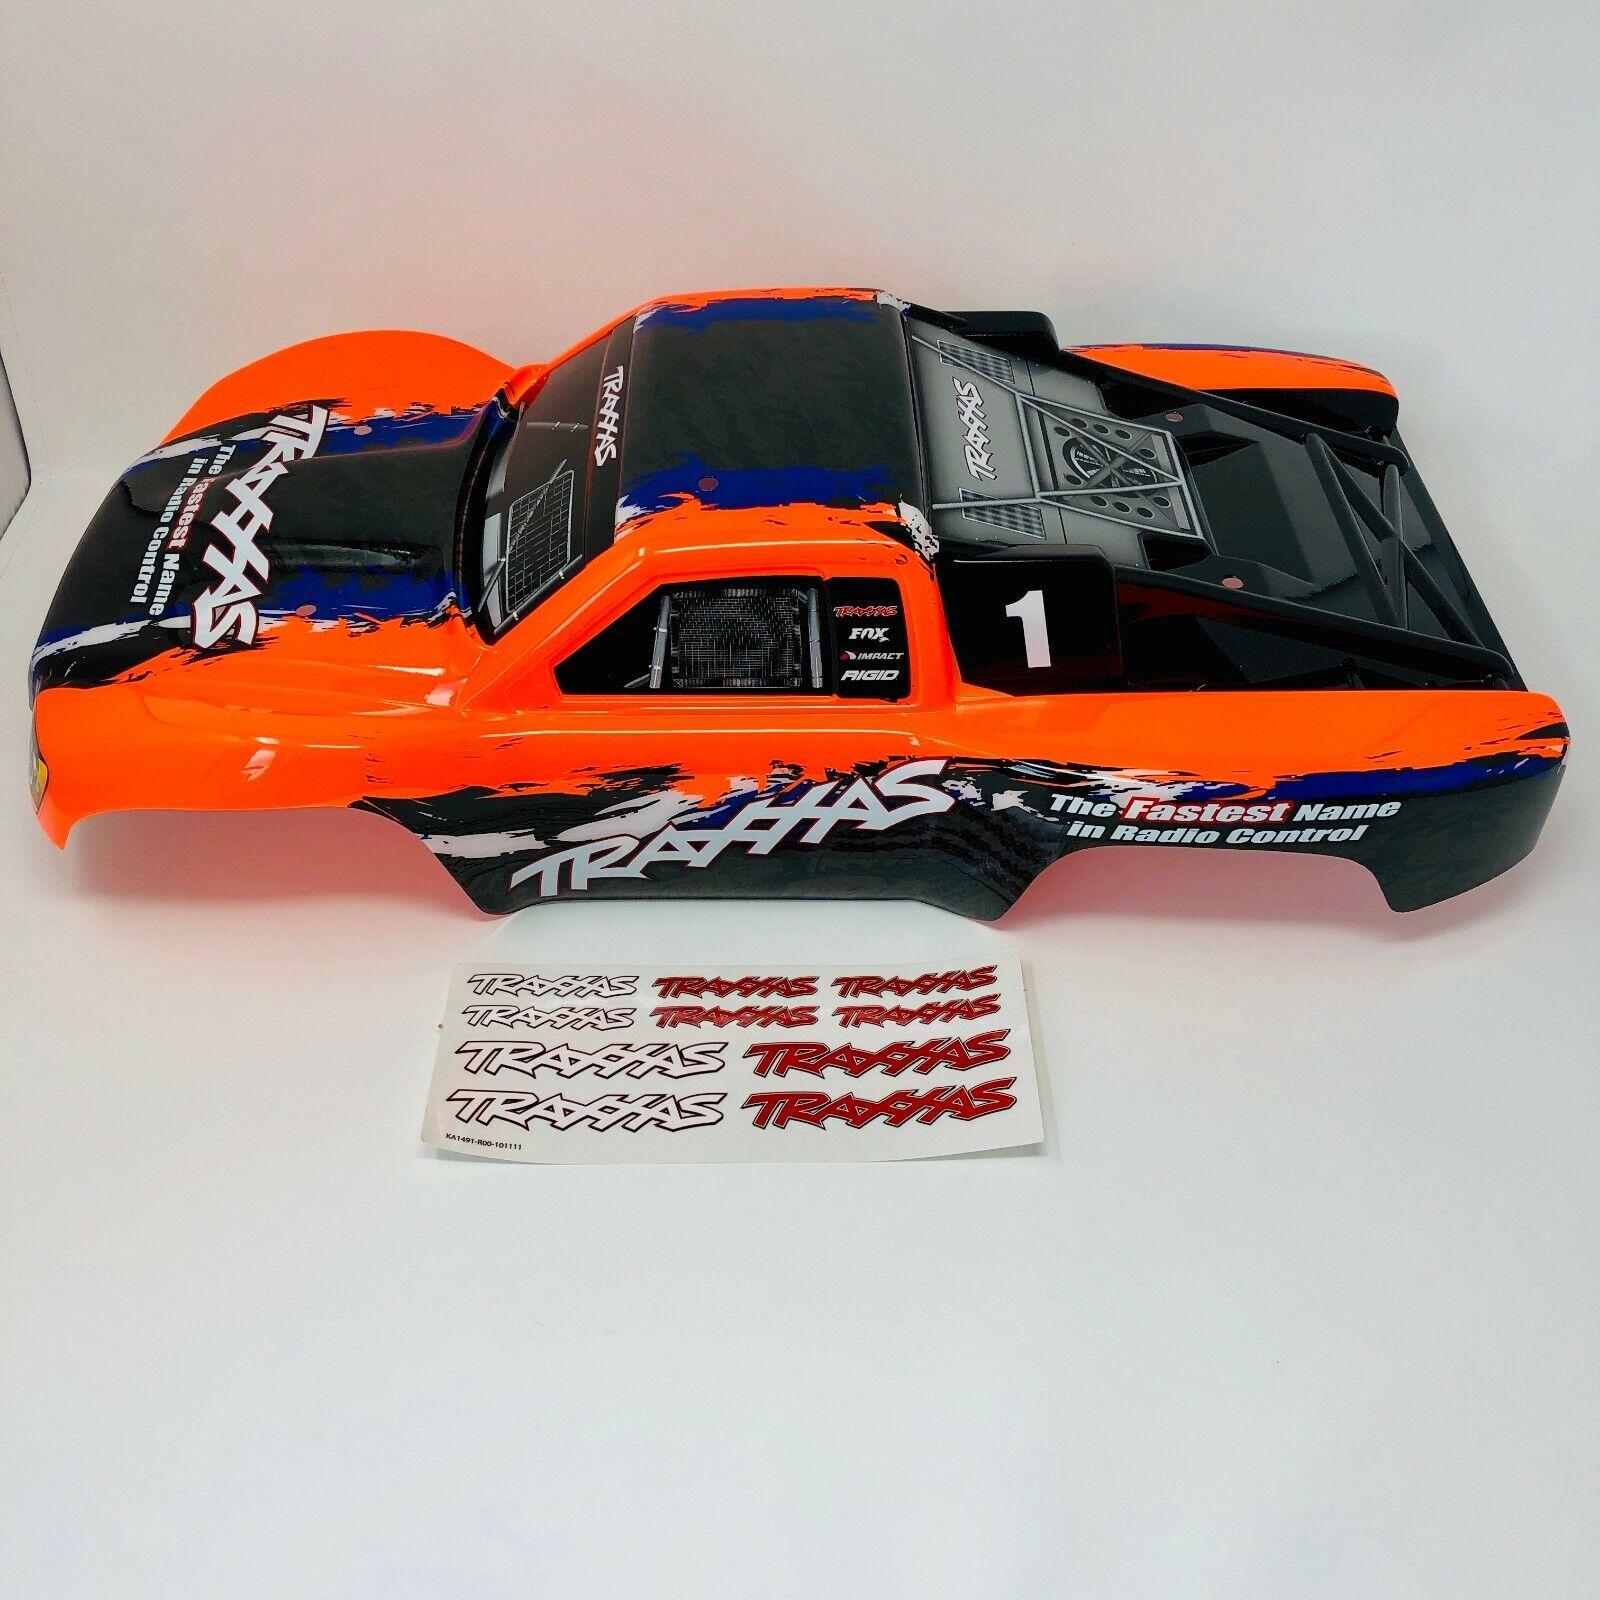 TRAXXAS Slash-arancione nero-Cassa-corpo Shell-Decalcouomoie-XL-5 -  4X4 6889  acquista la qualità autentica al 100%